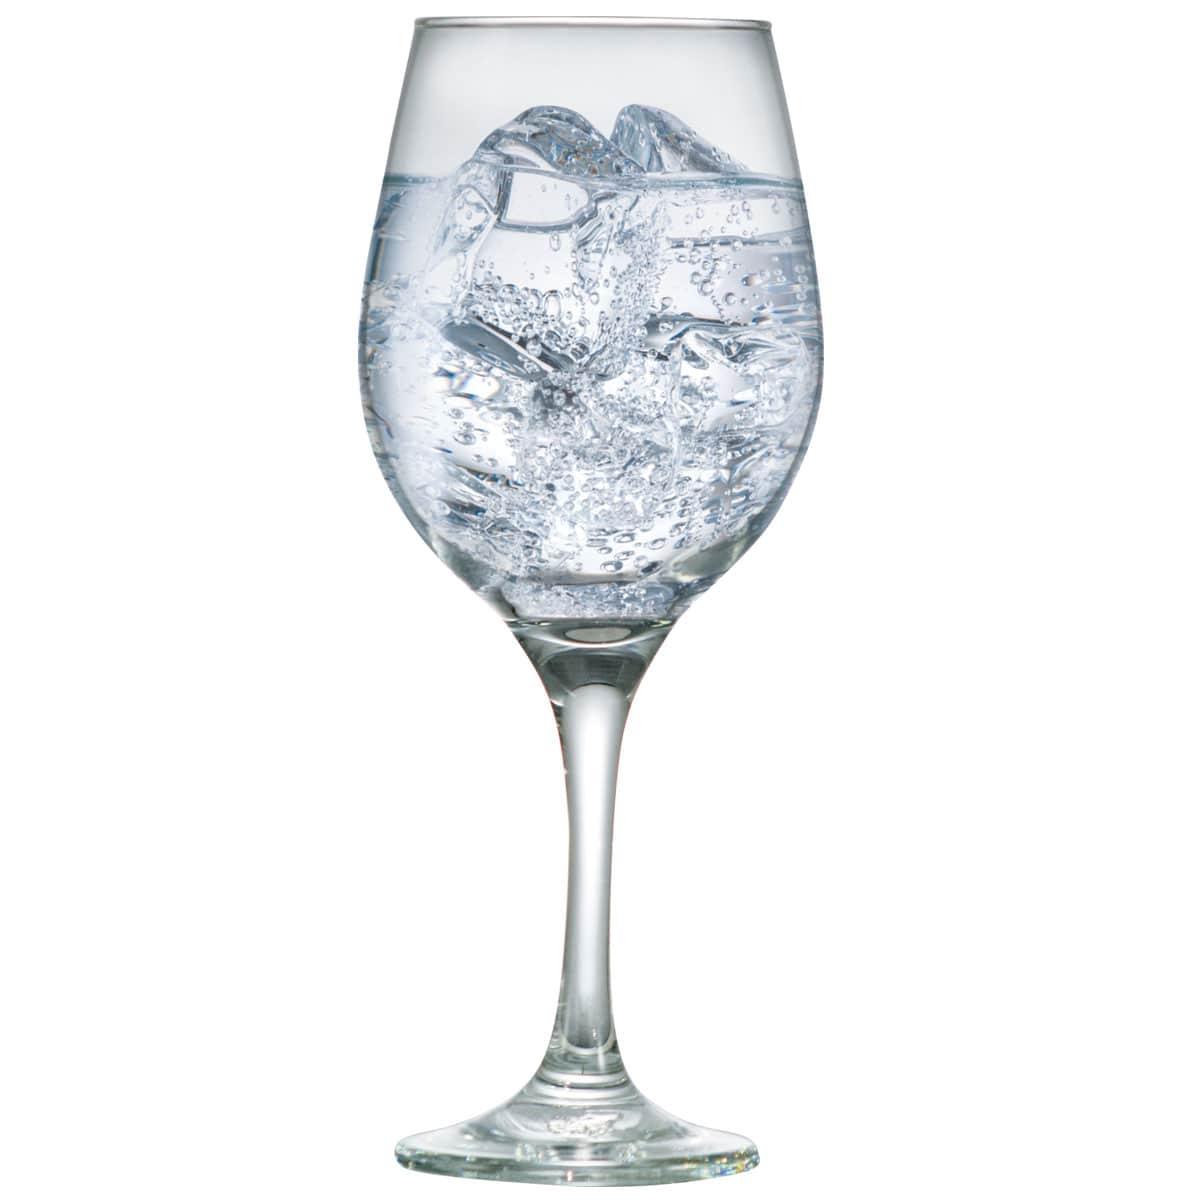 Taça de Vidro One Agua 490ml R$10.83 a unid. (Caixa com 24 unidades)